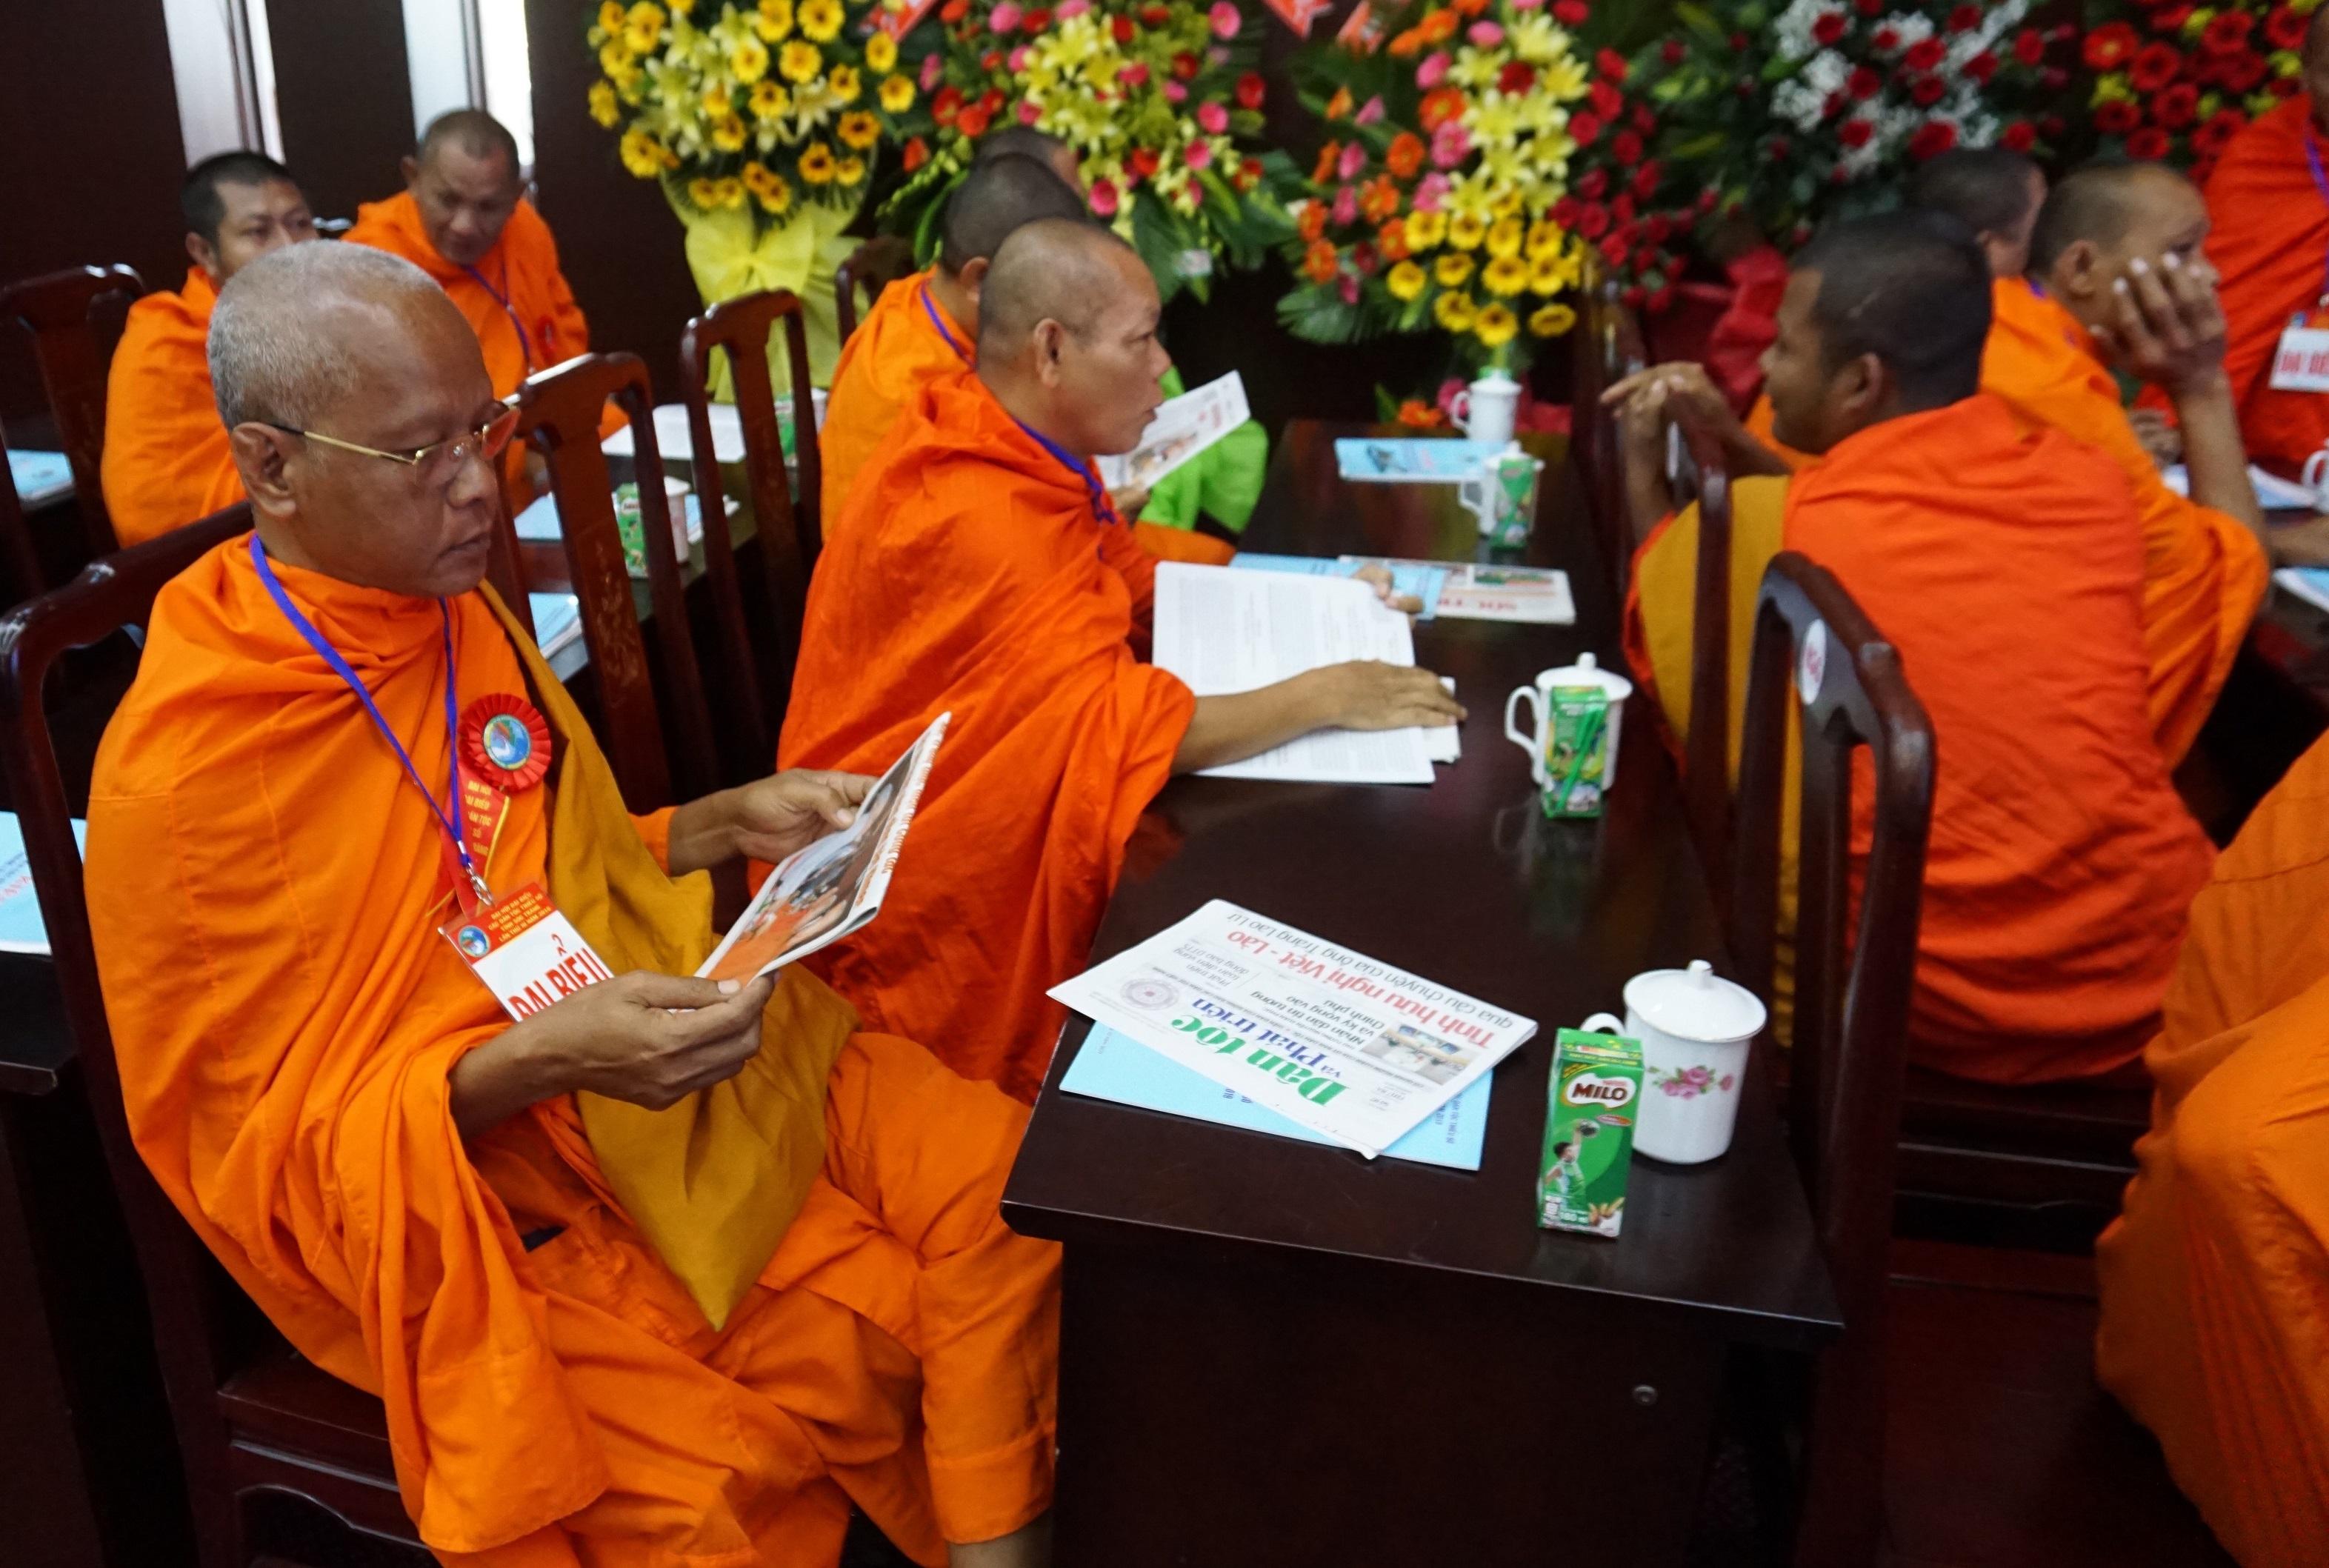 Các chùa cũng sẽ tạm dừng các buổi sinh hoạt tập thể để phòng, chống dịch Covid - 19